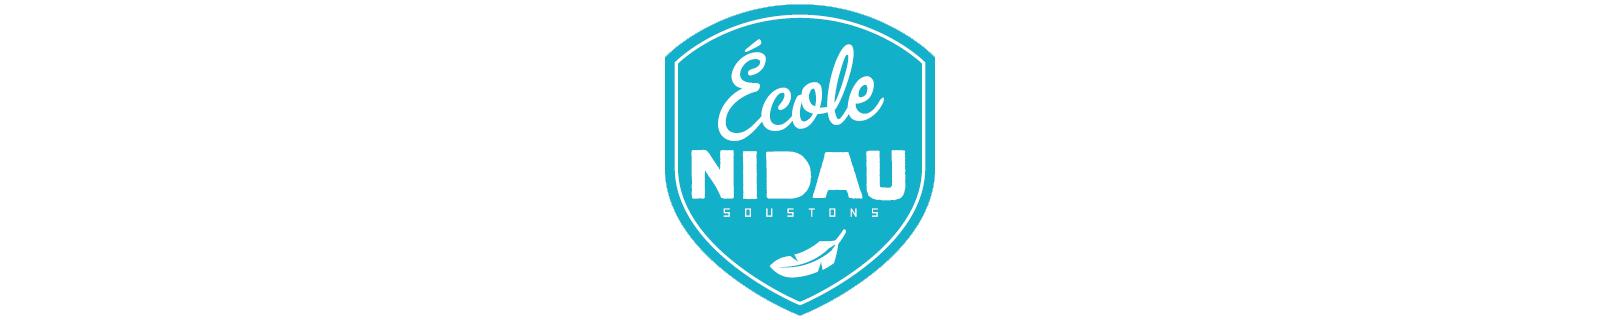 ÉCOLE NIDAU – SOUSTONS – PÉDAGOGIE MONTESSORI – FORMATIONS MONTESSORI – ÉCOLE BILINGUE